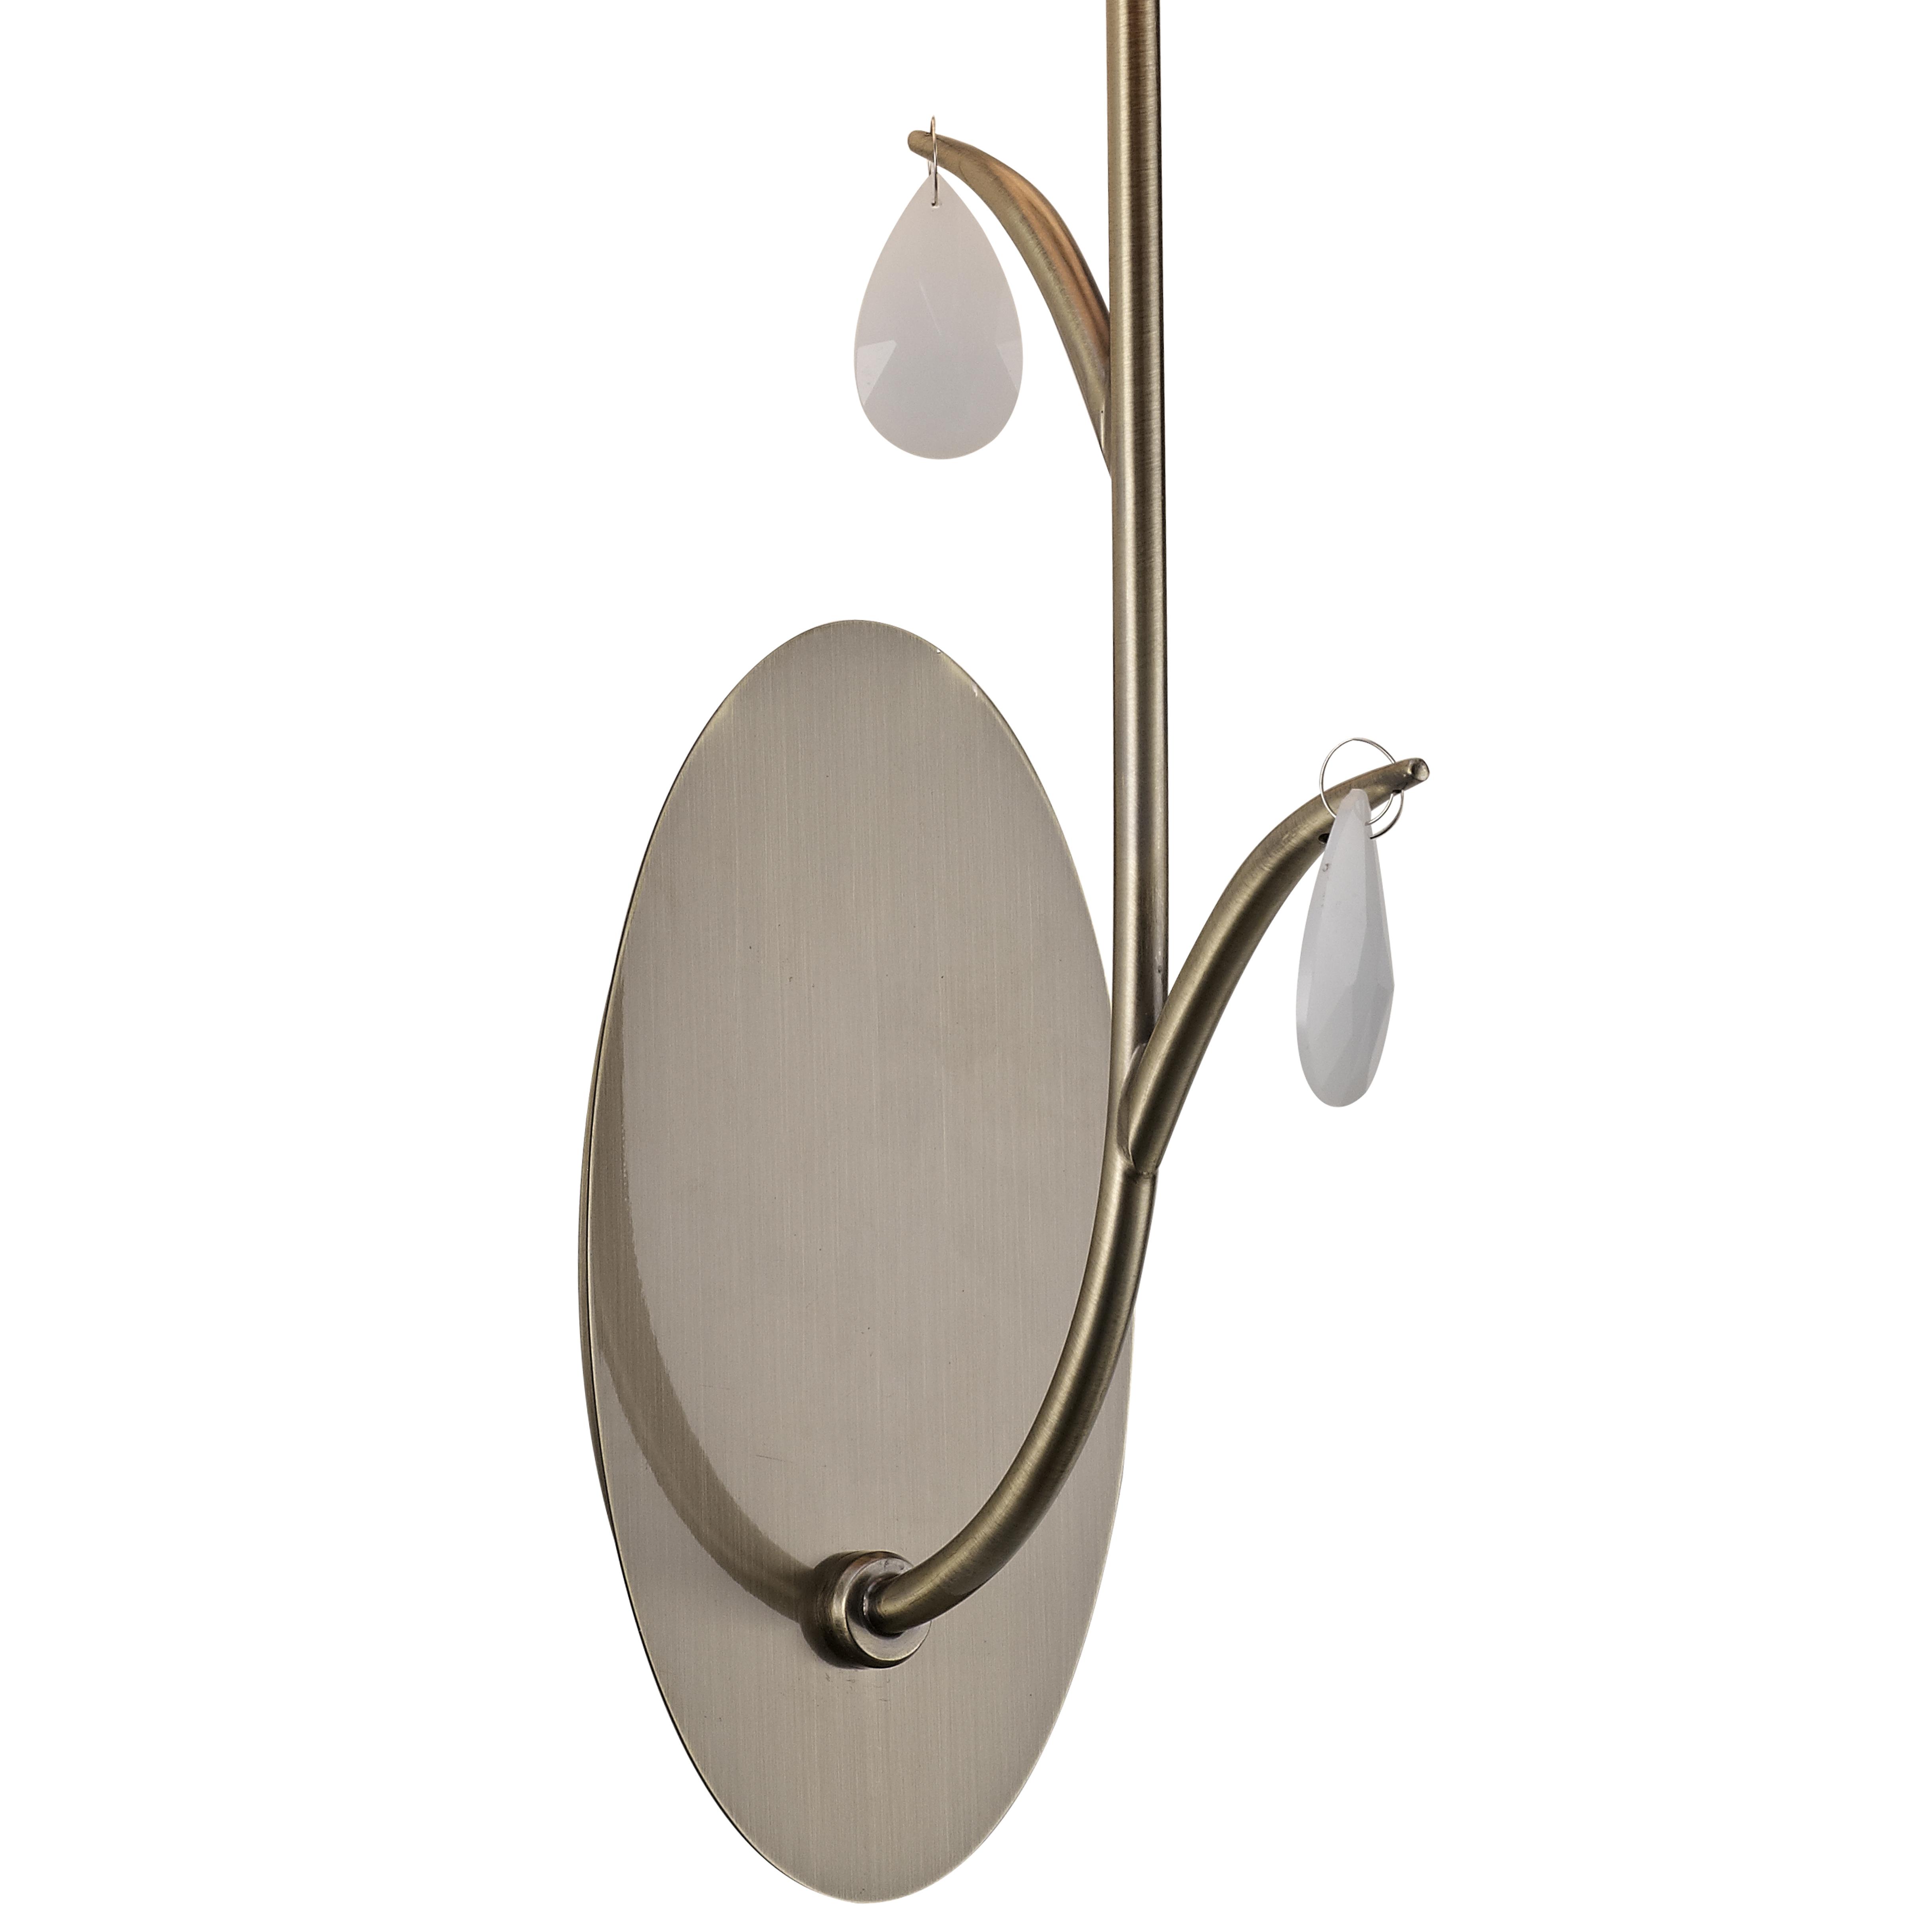 Бра Mantra Andrea 6337, золото, белый, металл, текстиль, хрусталь - фото 3